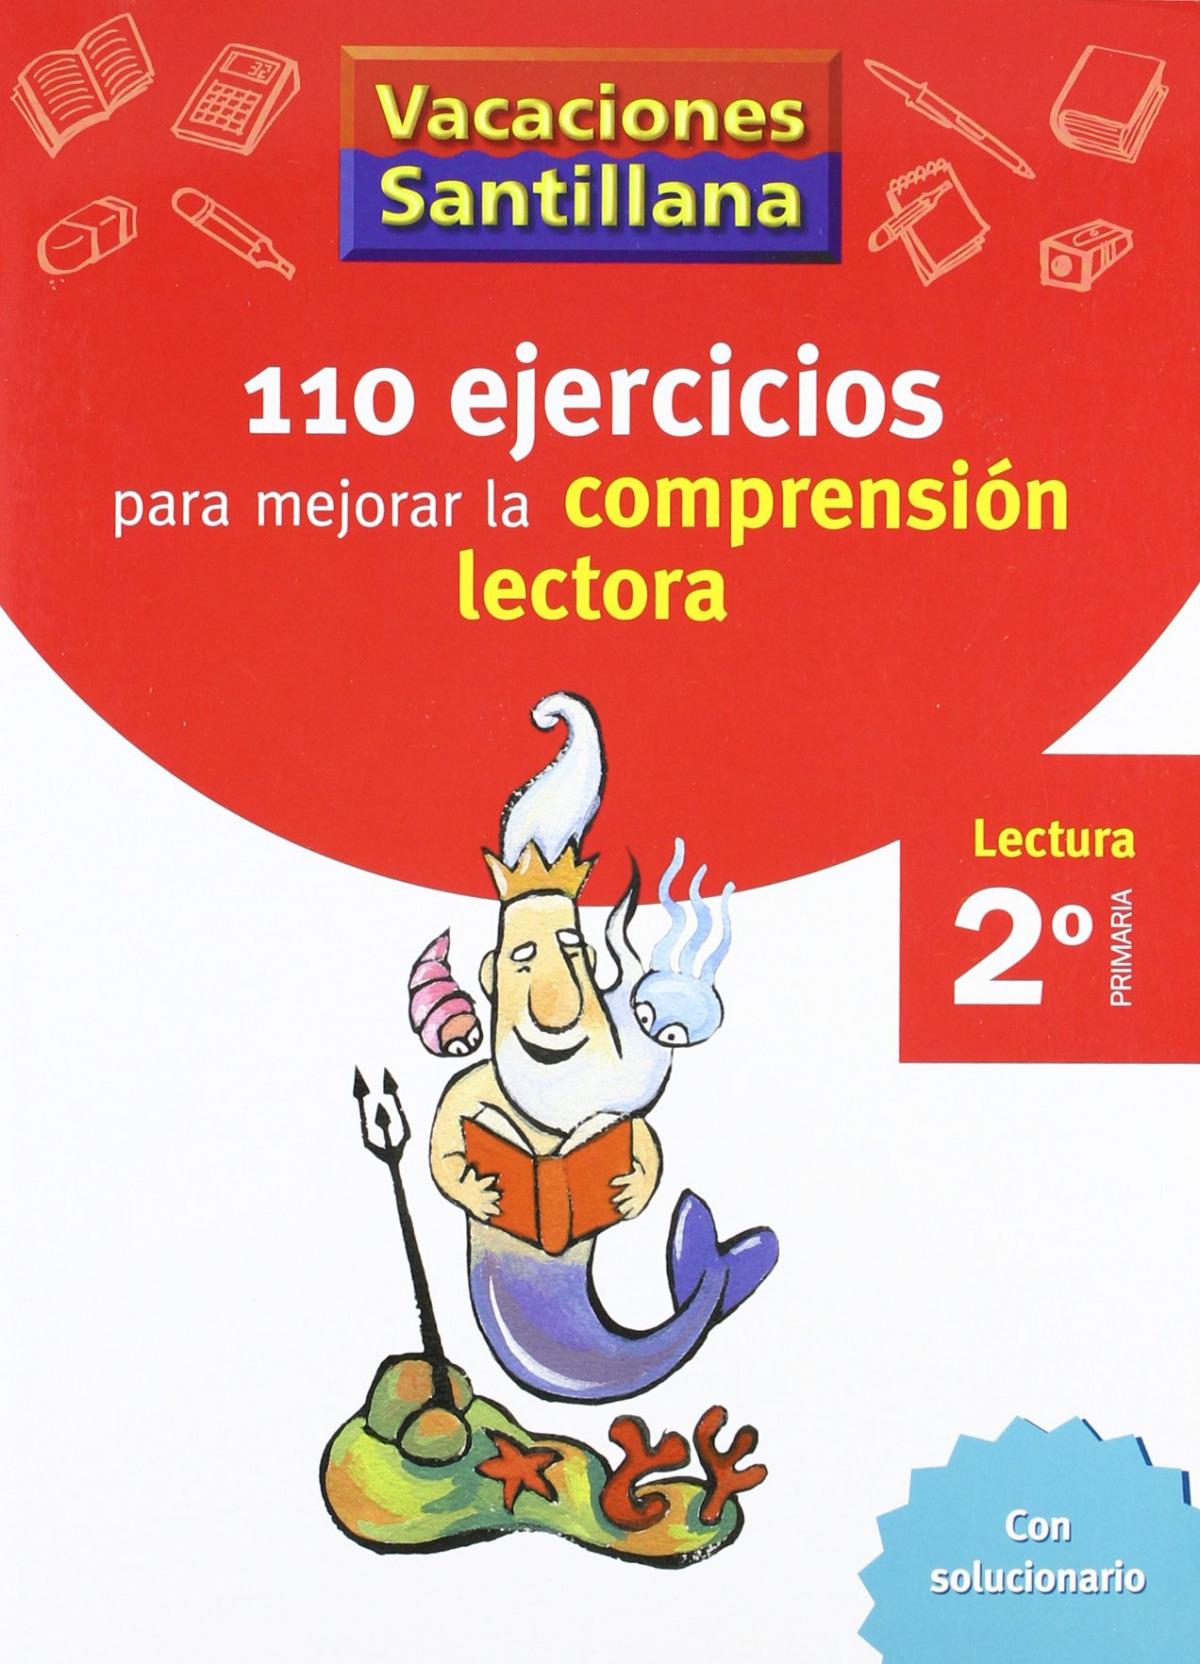 VACACIONES 110 EJERCICIOS PARA MEJORAR LA COMPRENSION LECTORA 2º PRIMARIA SANTILLANA